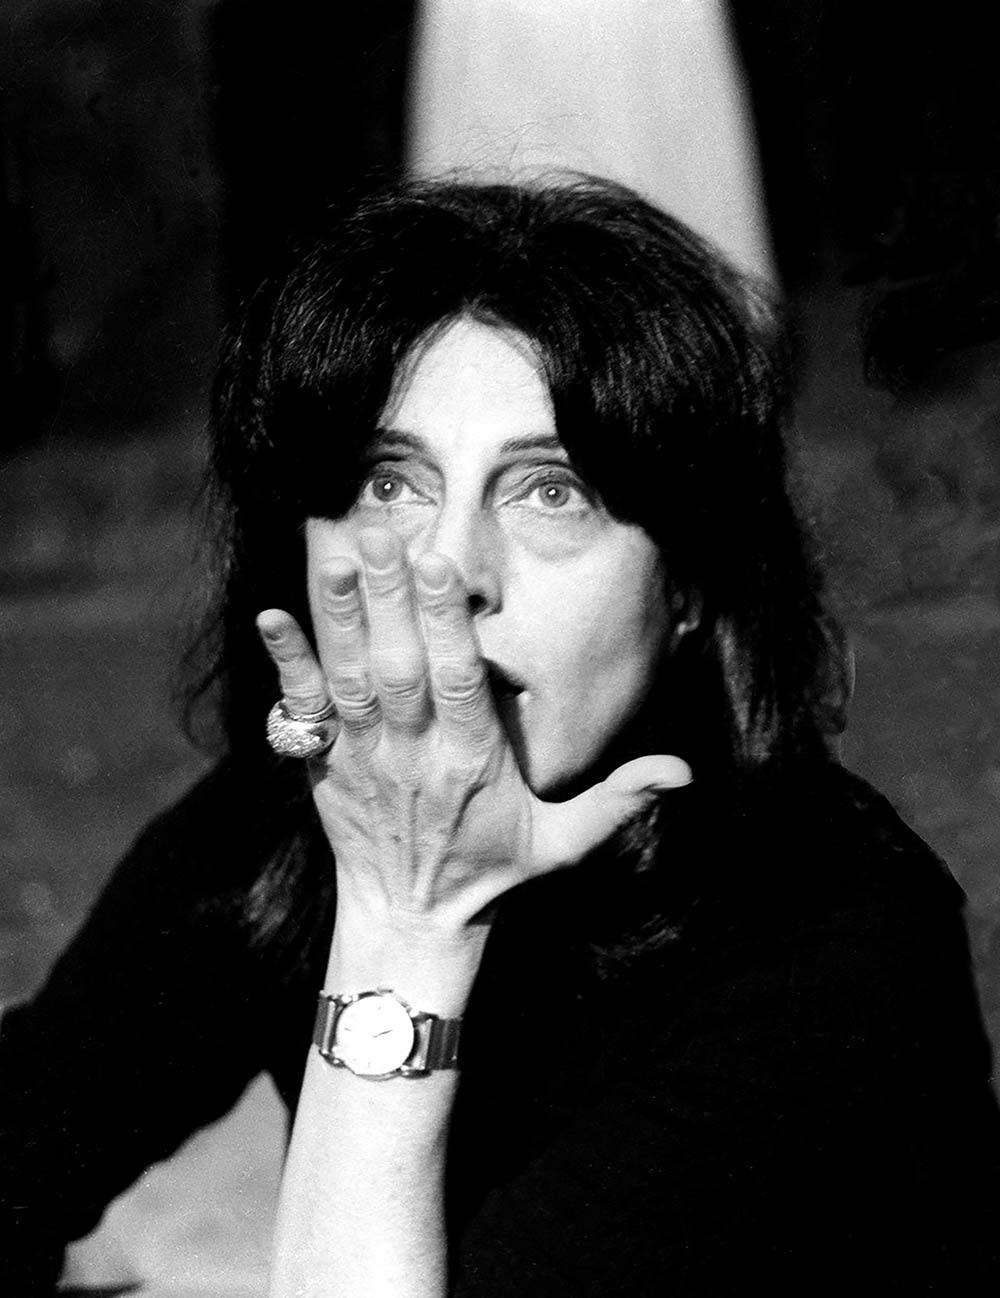 Bulgari celebra la Milano della Dolce Vita con una mostra fotografica